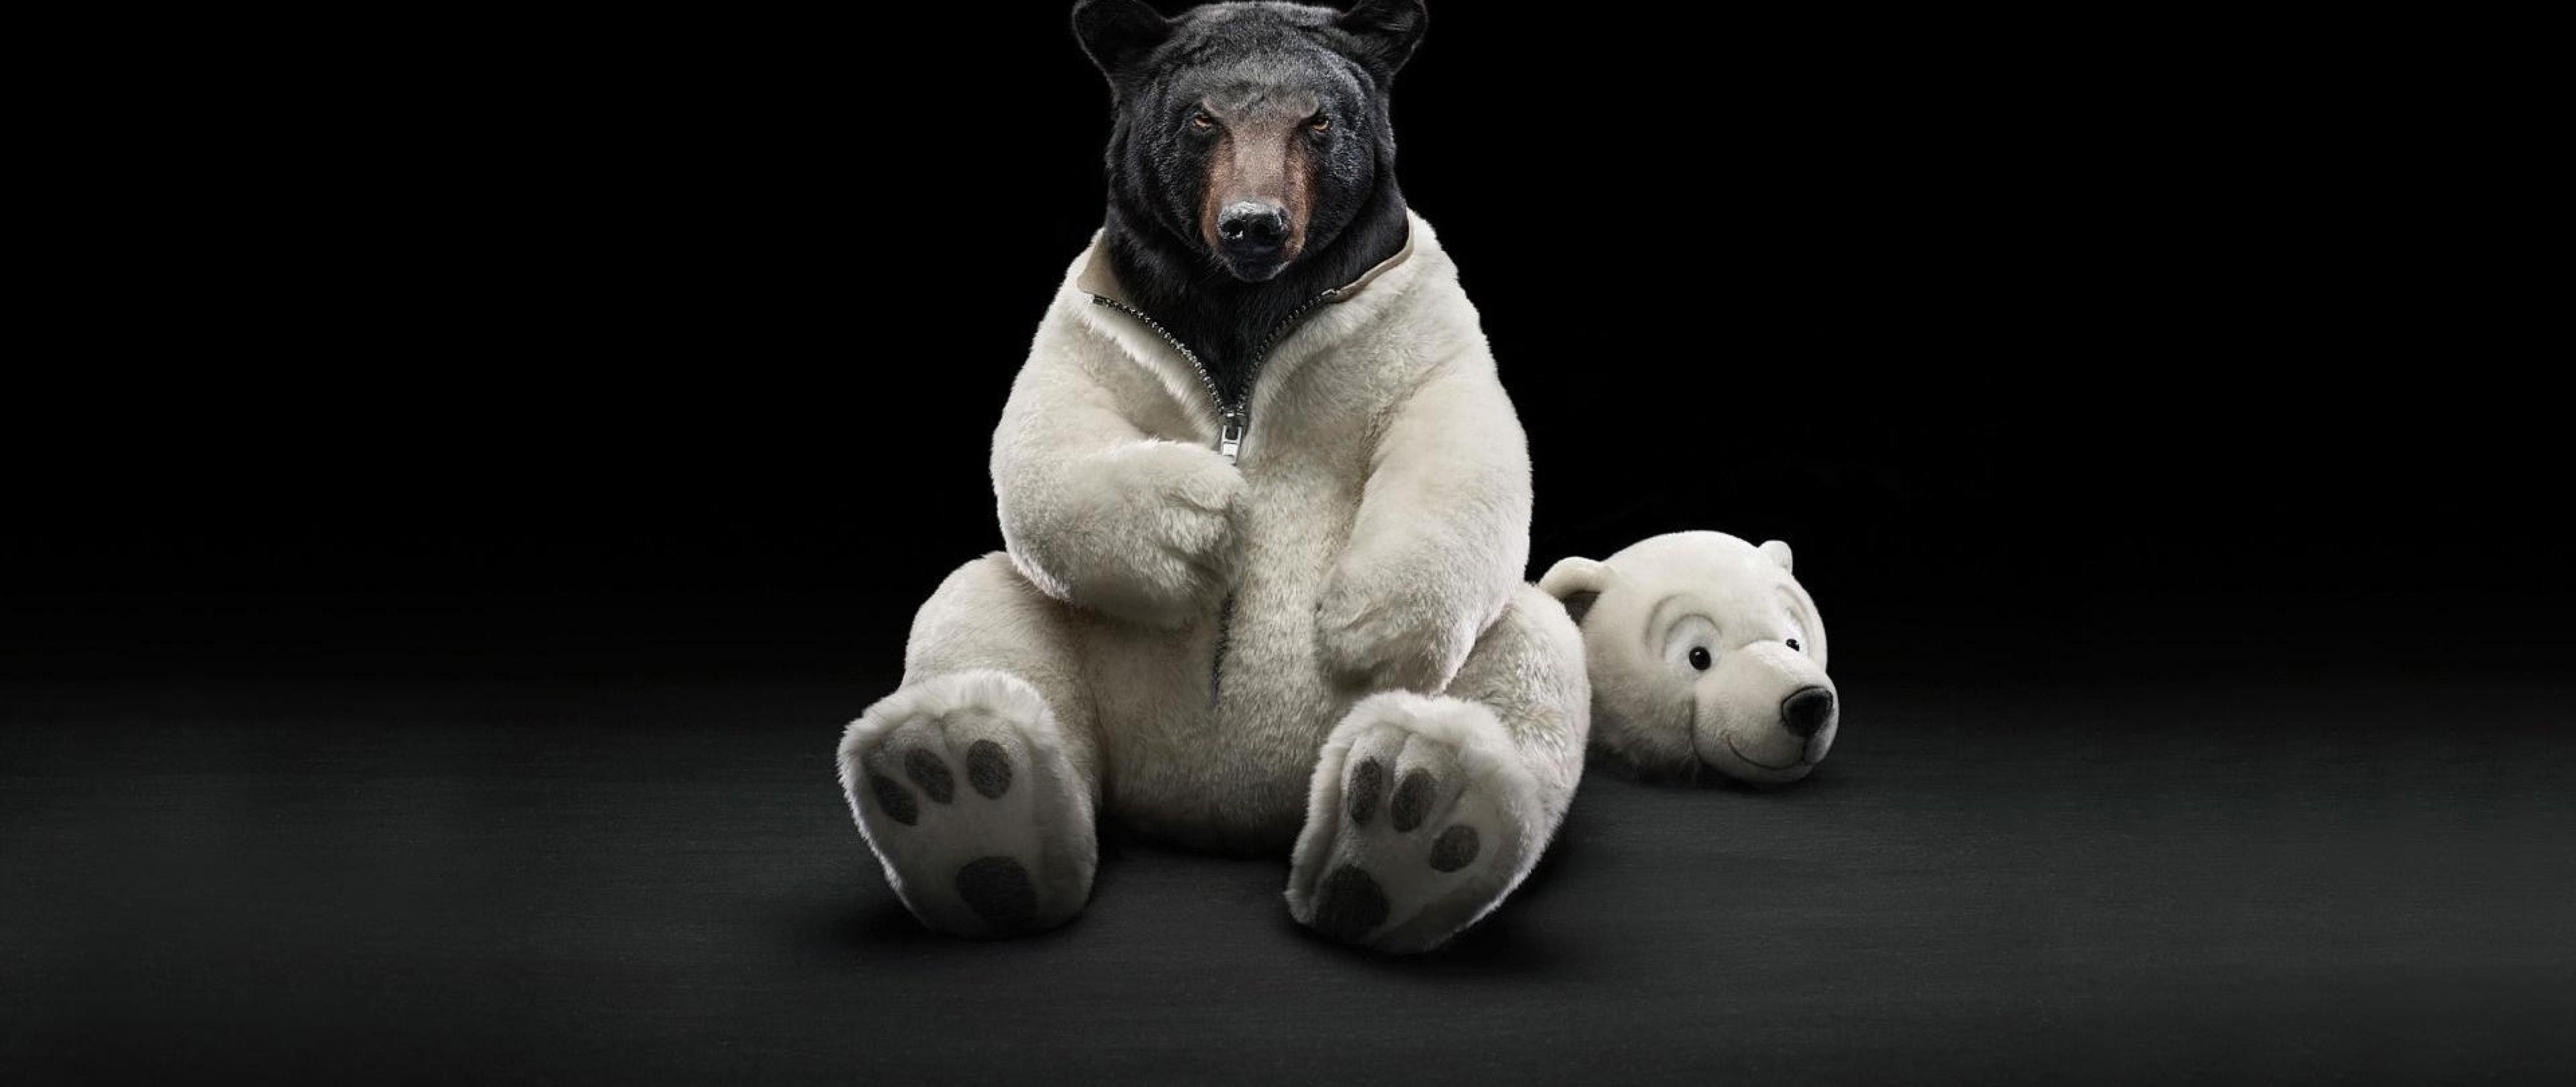 Funny Bear Hd Wallpaper 4k Ultra Hd Wide Tv Hd Wallpaper